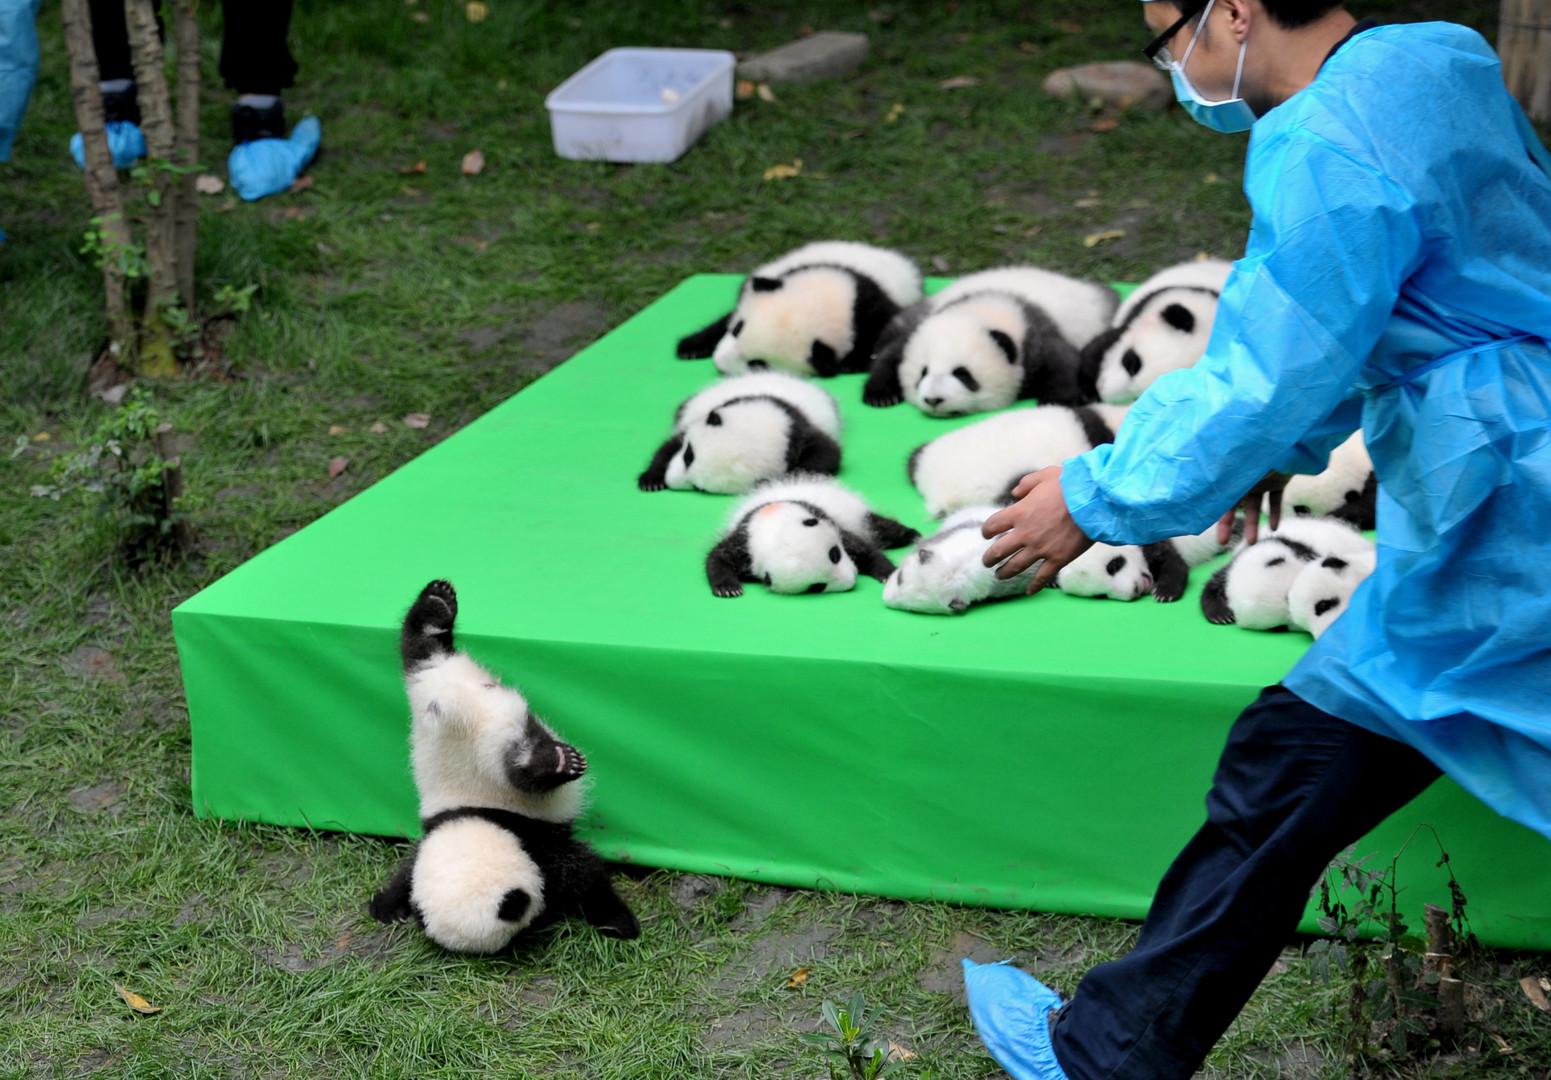 Детёныш большой панды пытается сбежать с помоста, на котором разместили 23 медвежат, родившихся в 2016 году в Чэнду, Китай.